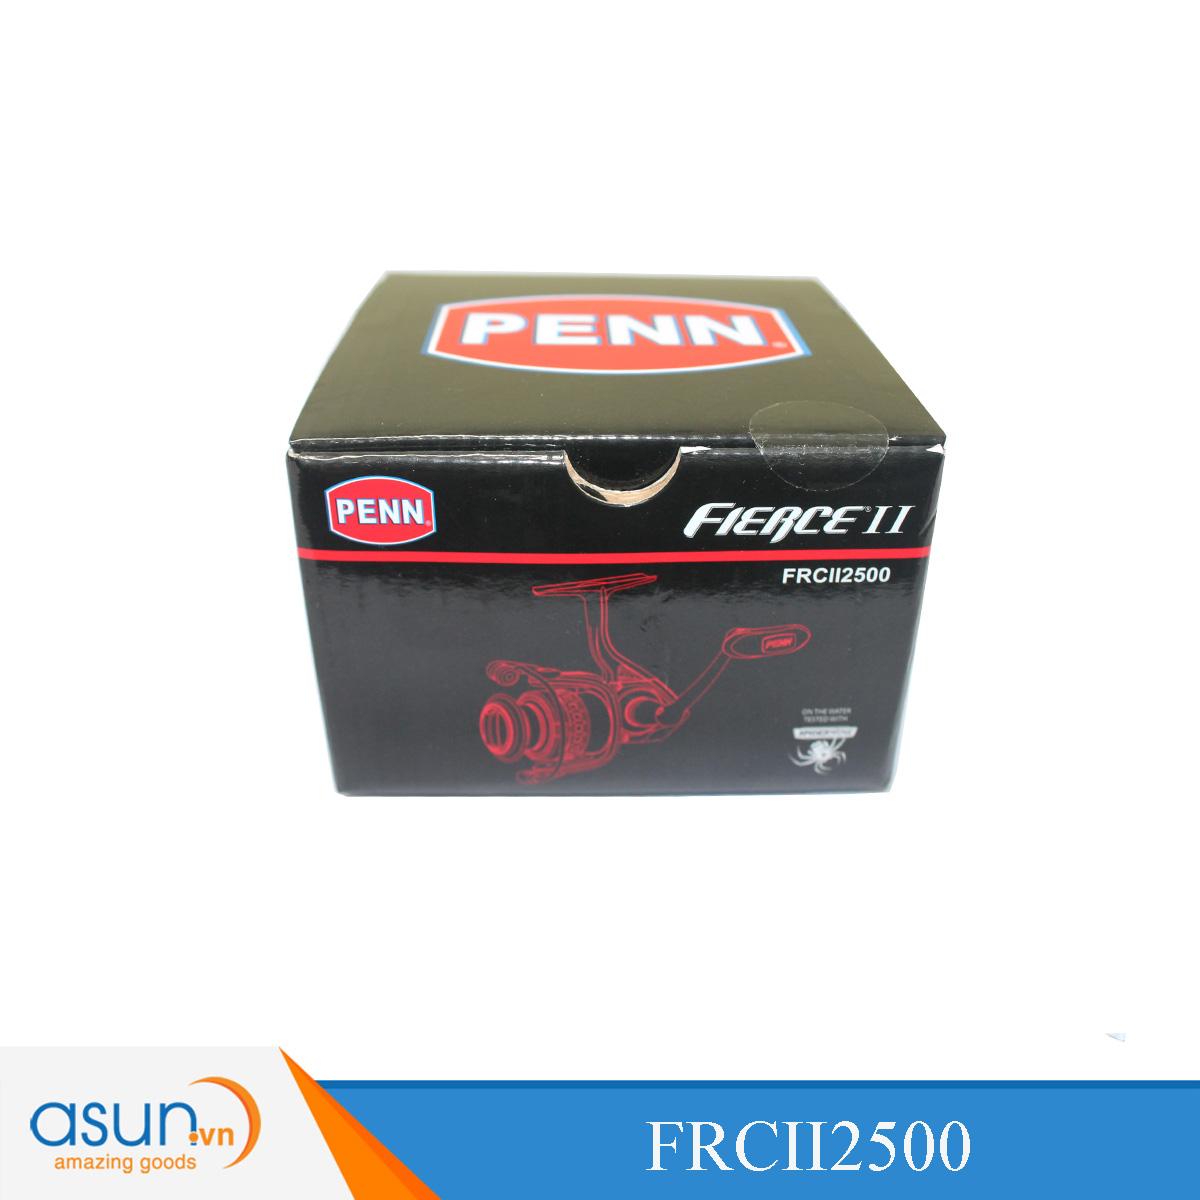 Máy Câu Đứng Penn Fierce II 2500 - FRCII2500 Chính Hãng Bảo Hành 1 Năm